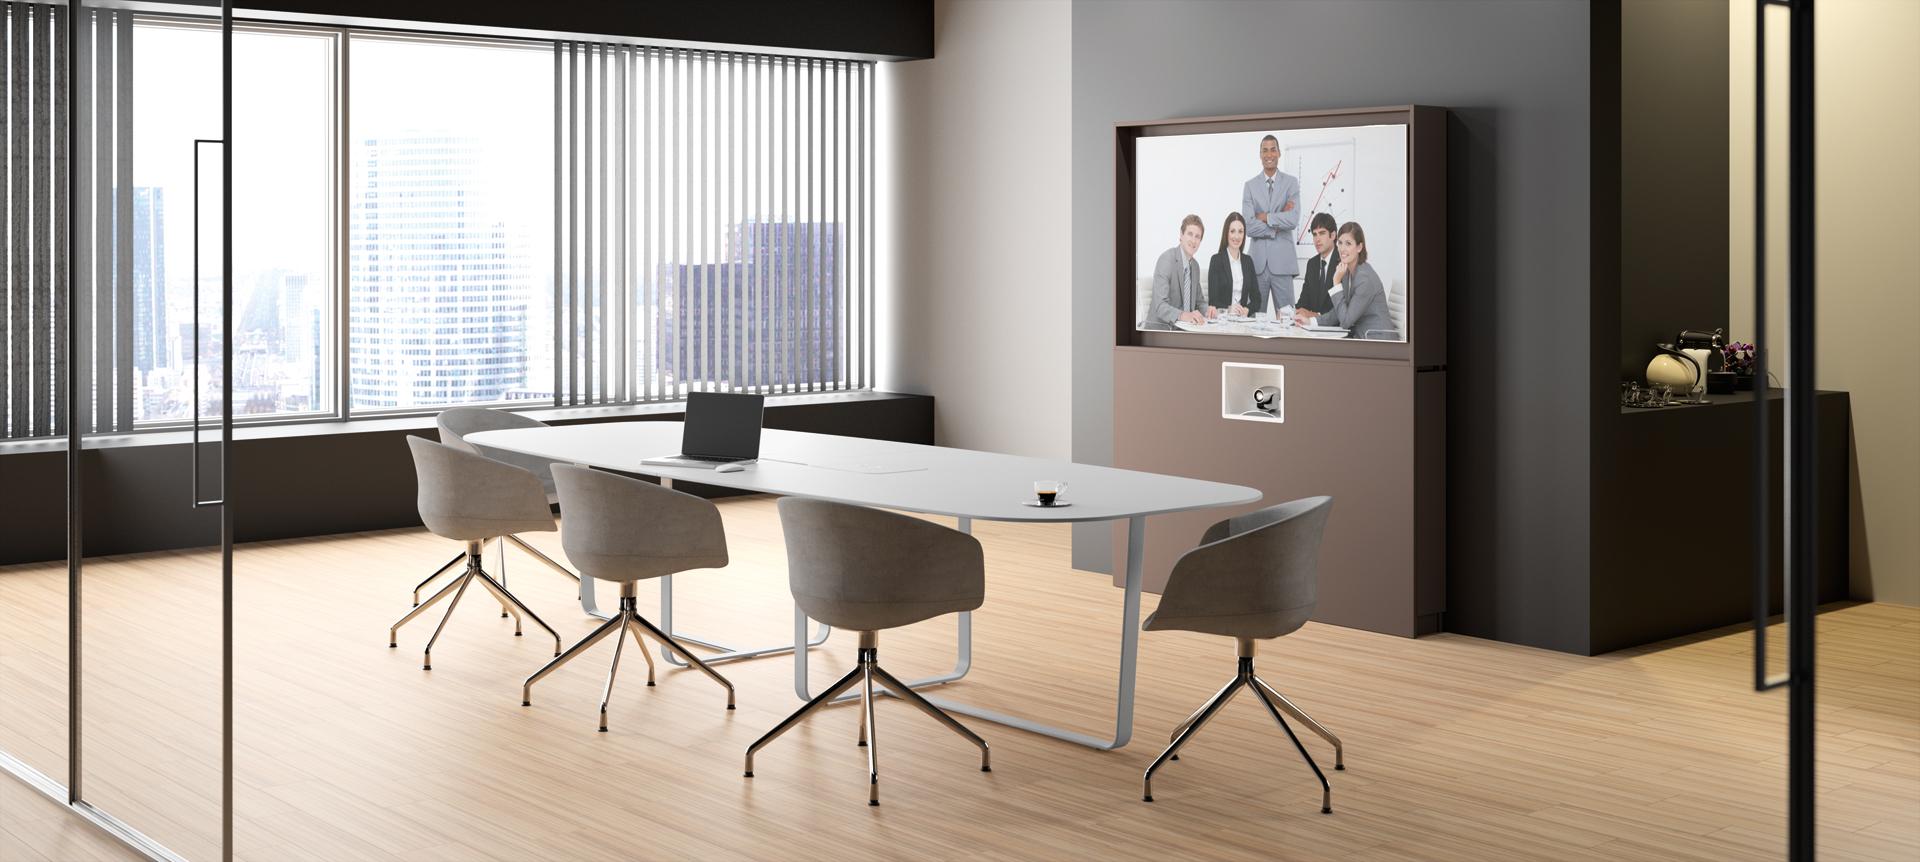 WEMEET REMOTE - Mobilier pour salle de réunion ou salle de visioconférence